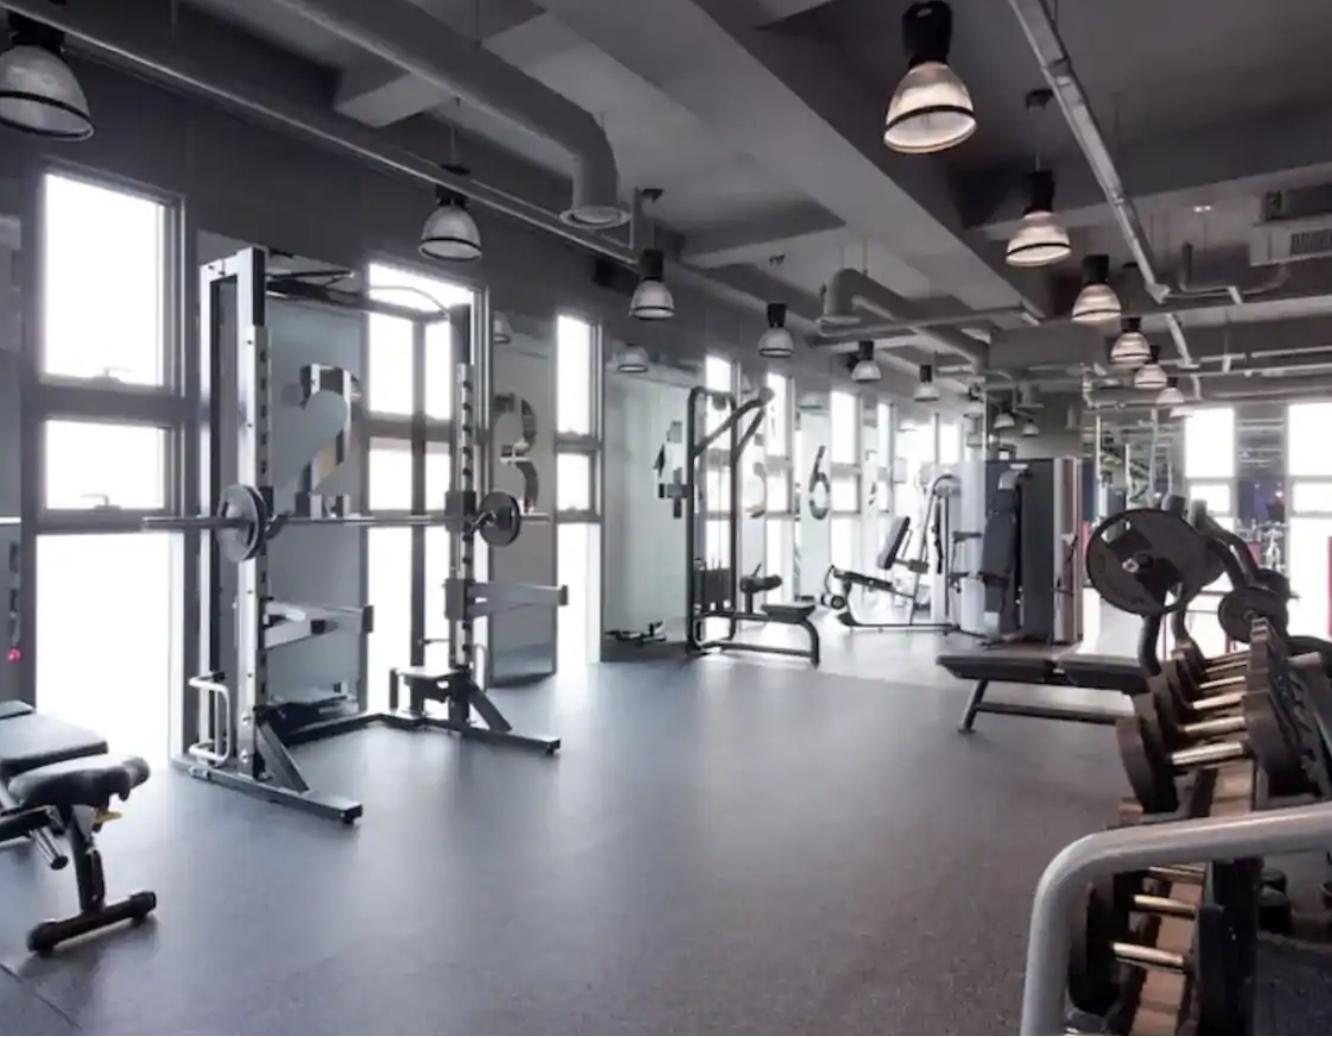 Facilities: Gym (Copy)